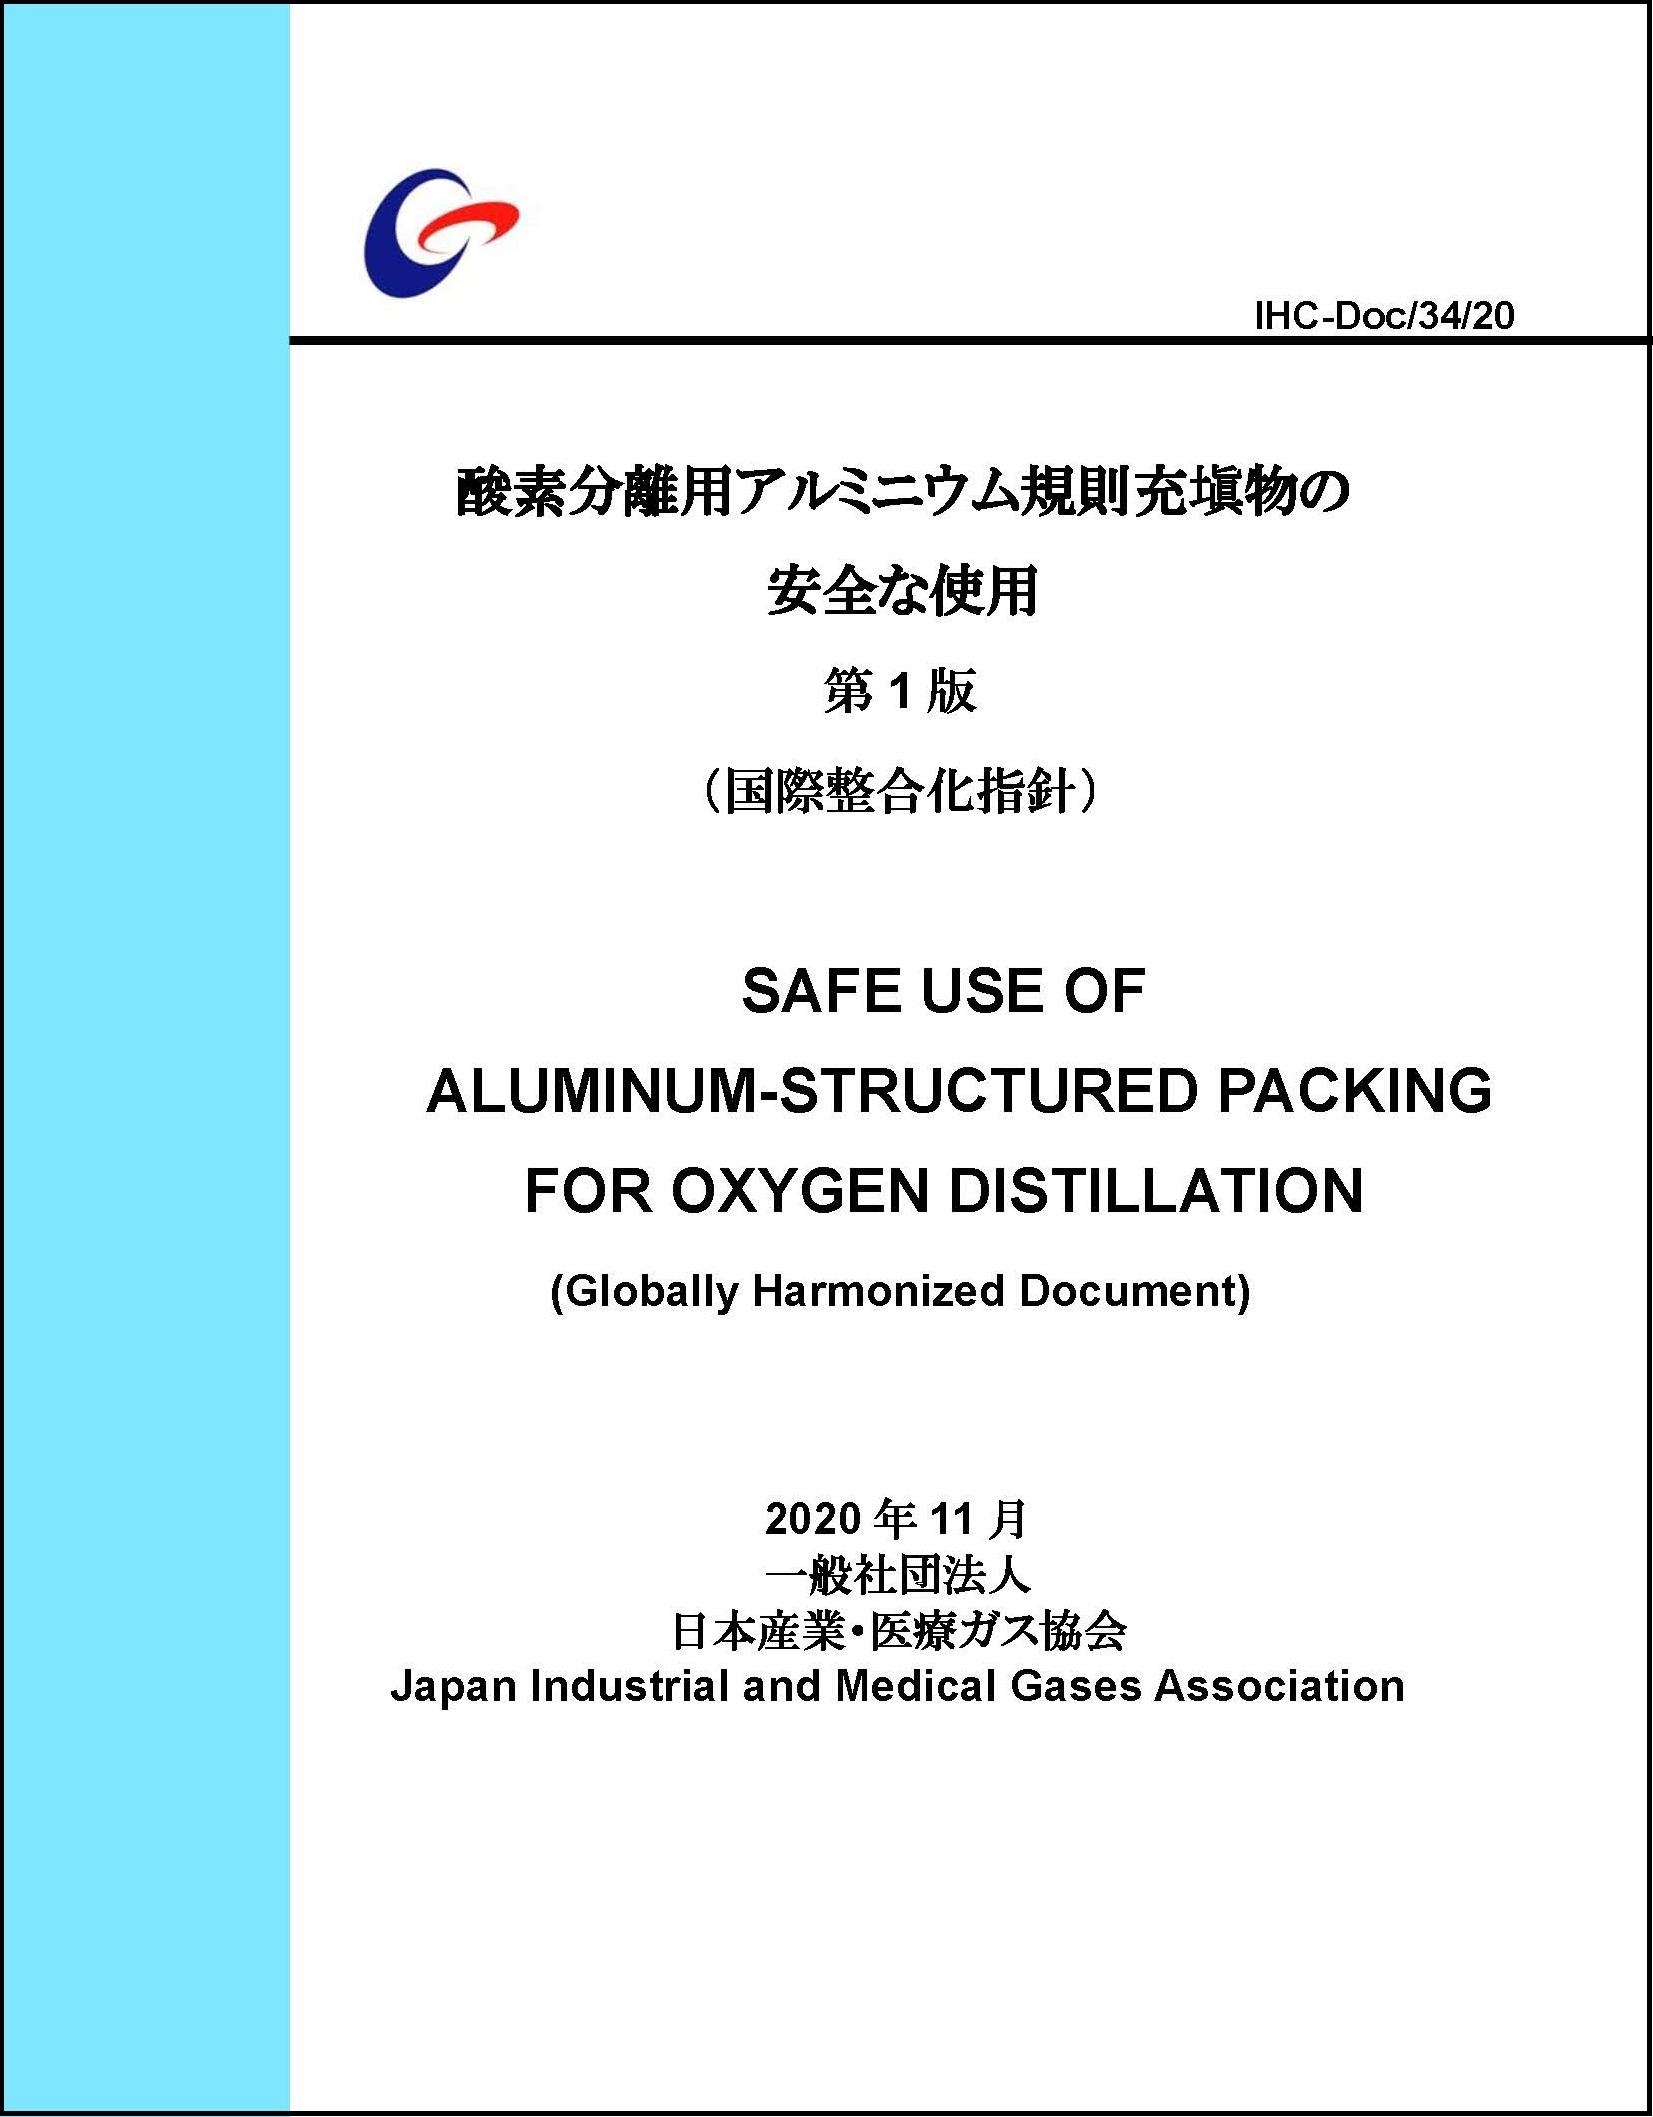 酸素分離用アルミニウム規則充塡物の安全な使用